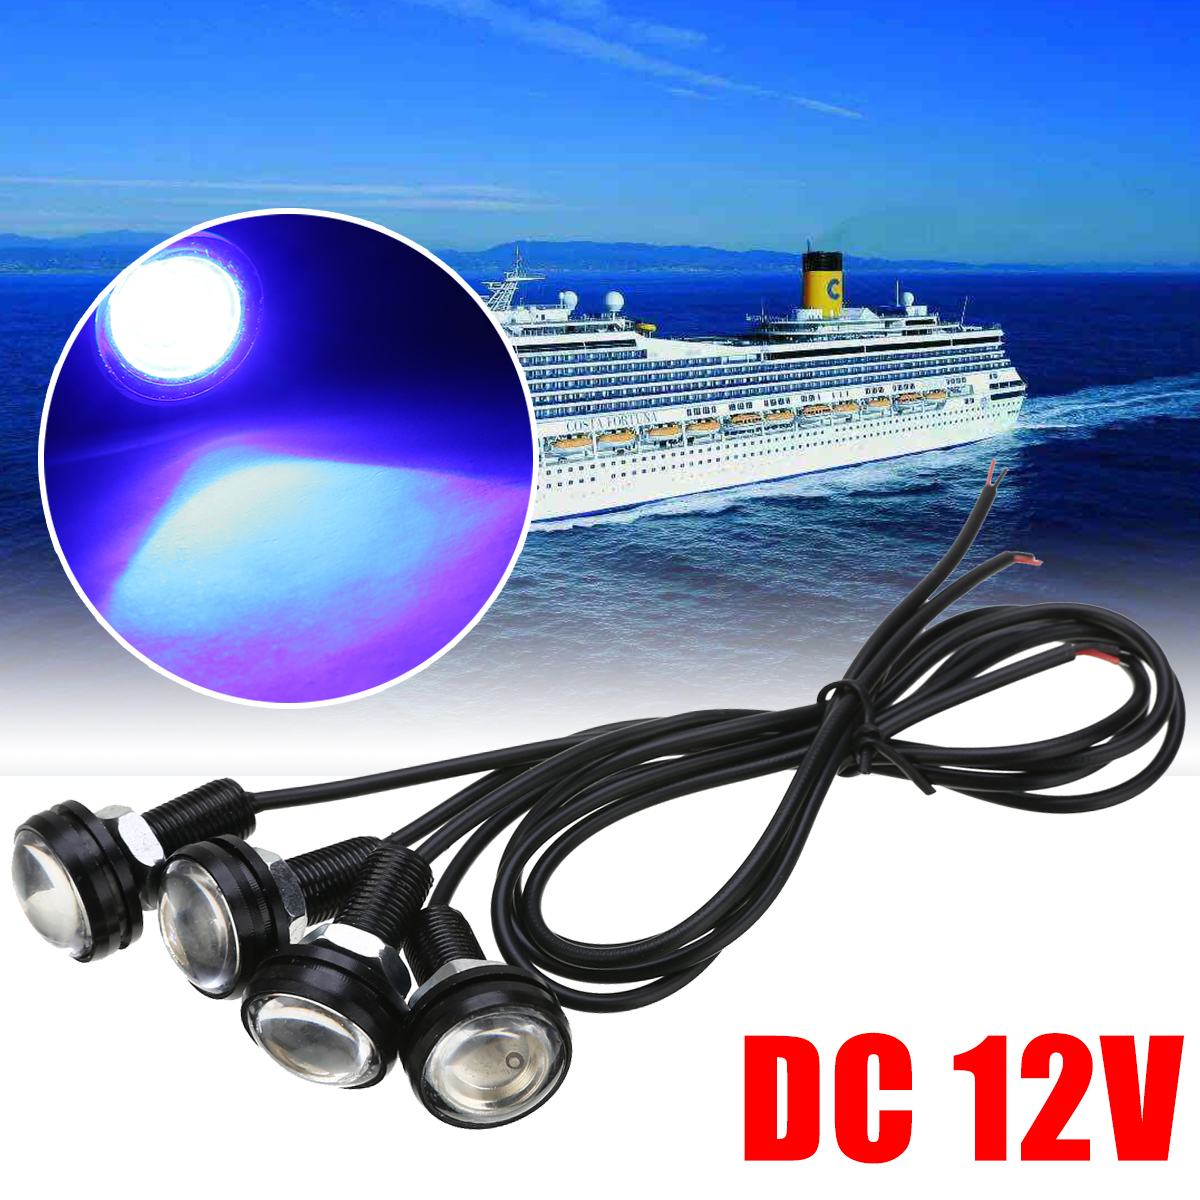 לימי סירת אורות 4pcs 12V 3W כחול LED סירת אור עמיד למים הקיא מפזר אשנב מתחת למים דגים אות מנורה